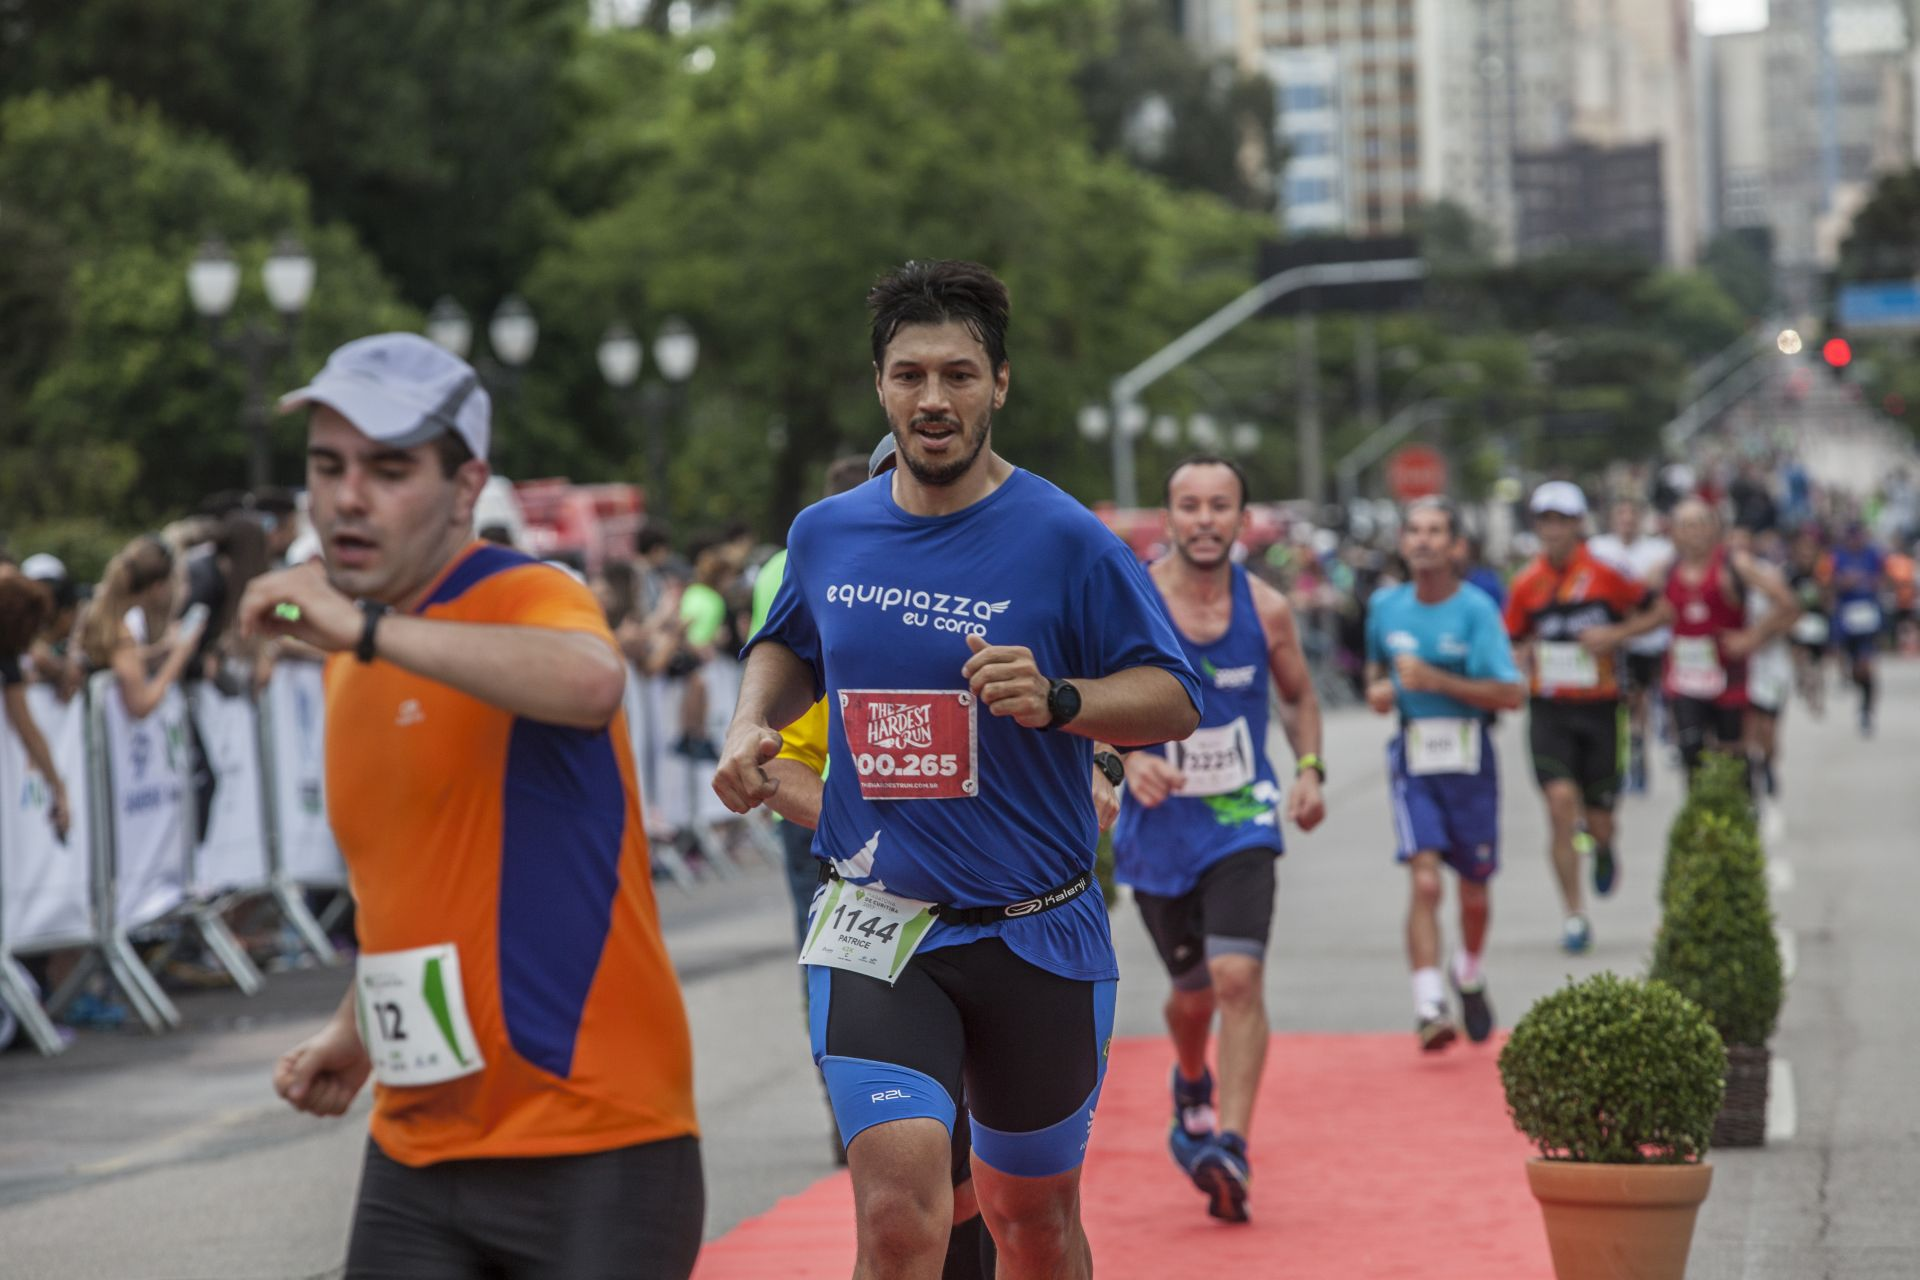 Correr e se exercitar ajudam no combate às doenças não-comunicáveis (Foto: Daniel Caron / Gazeta do Povo / arquivo)